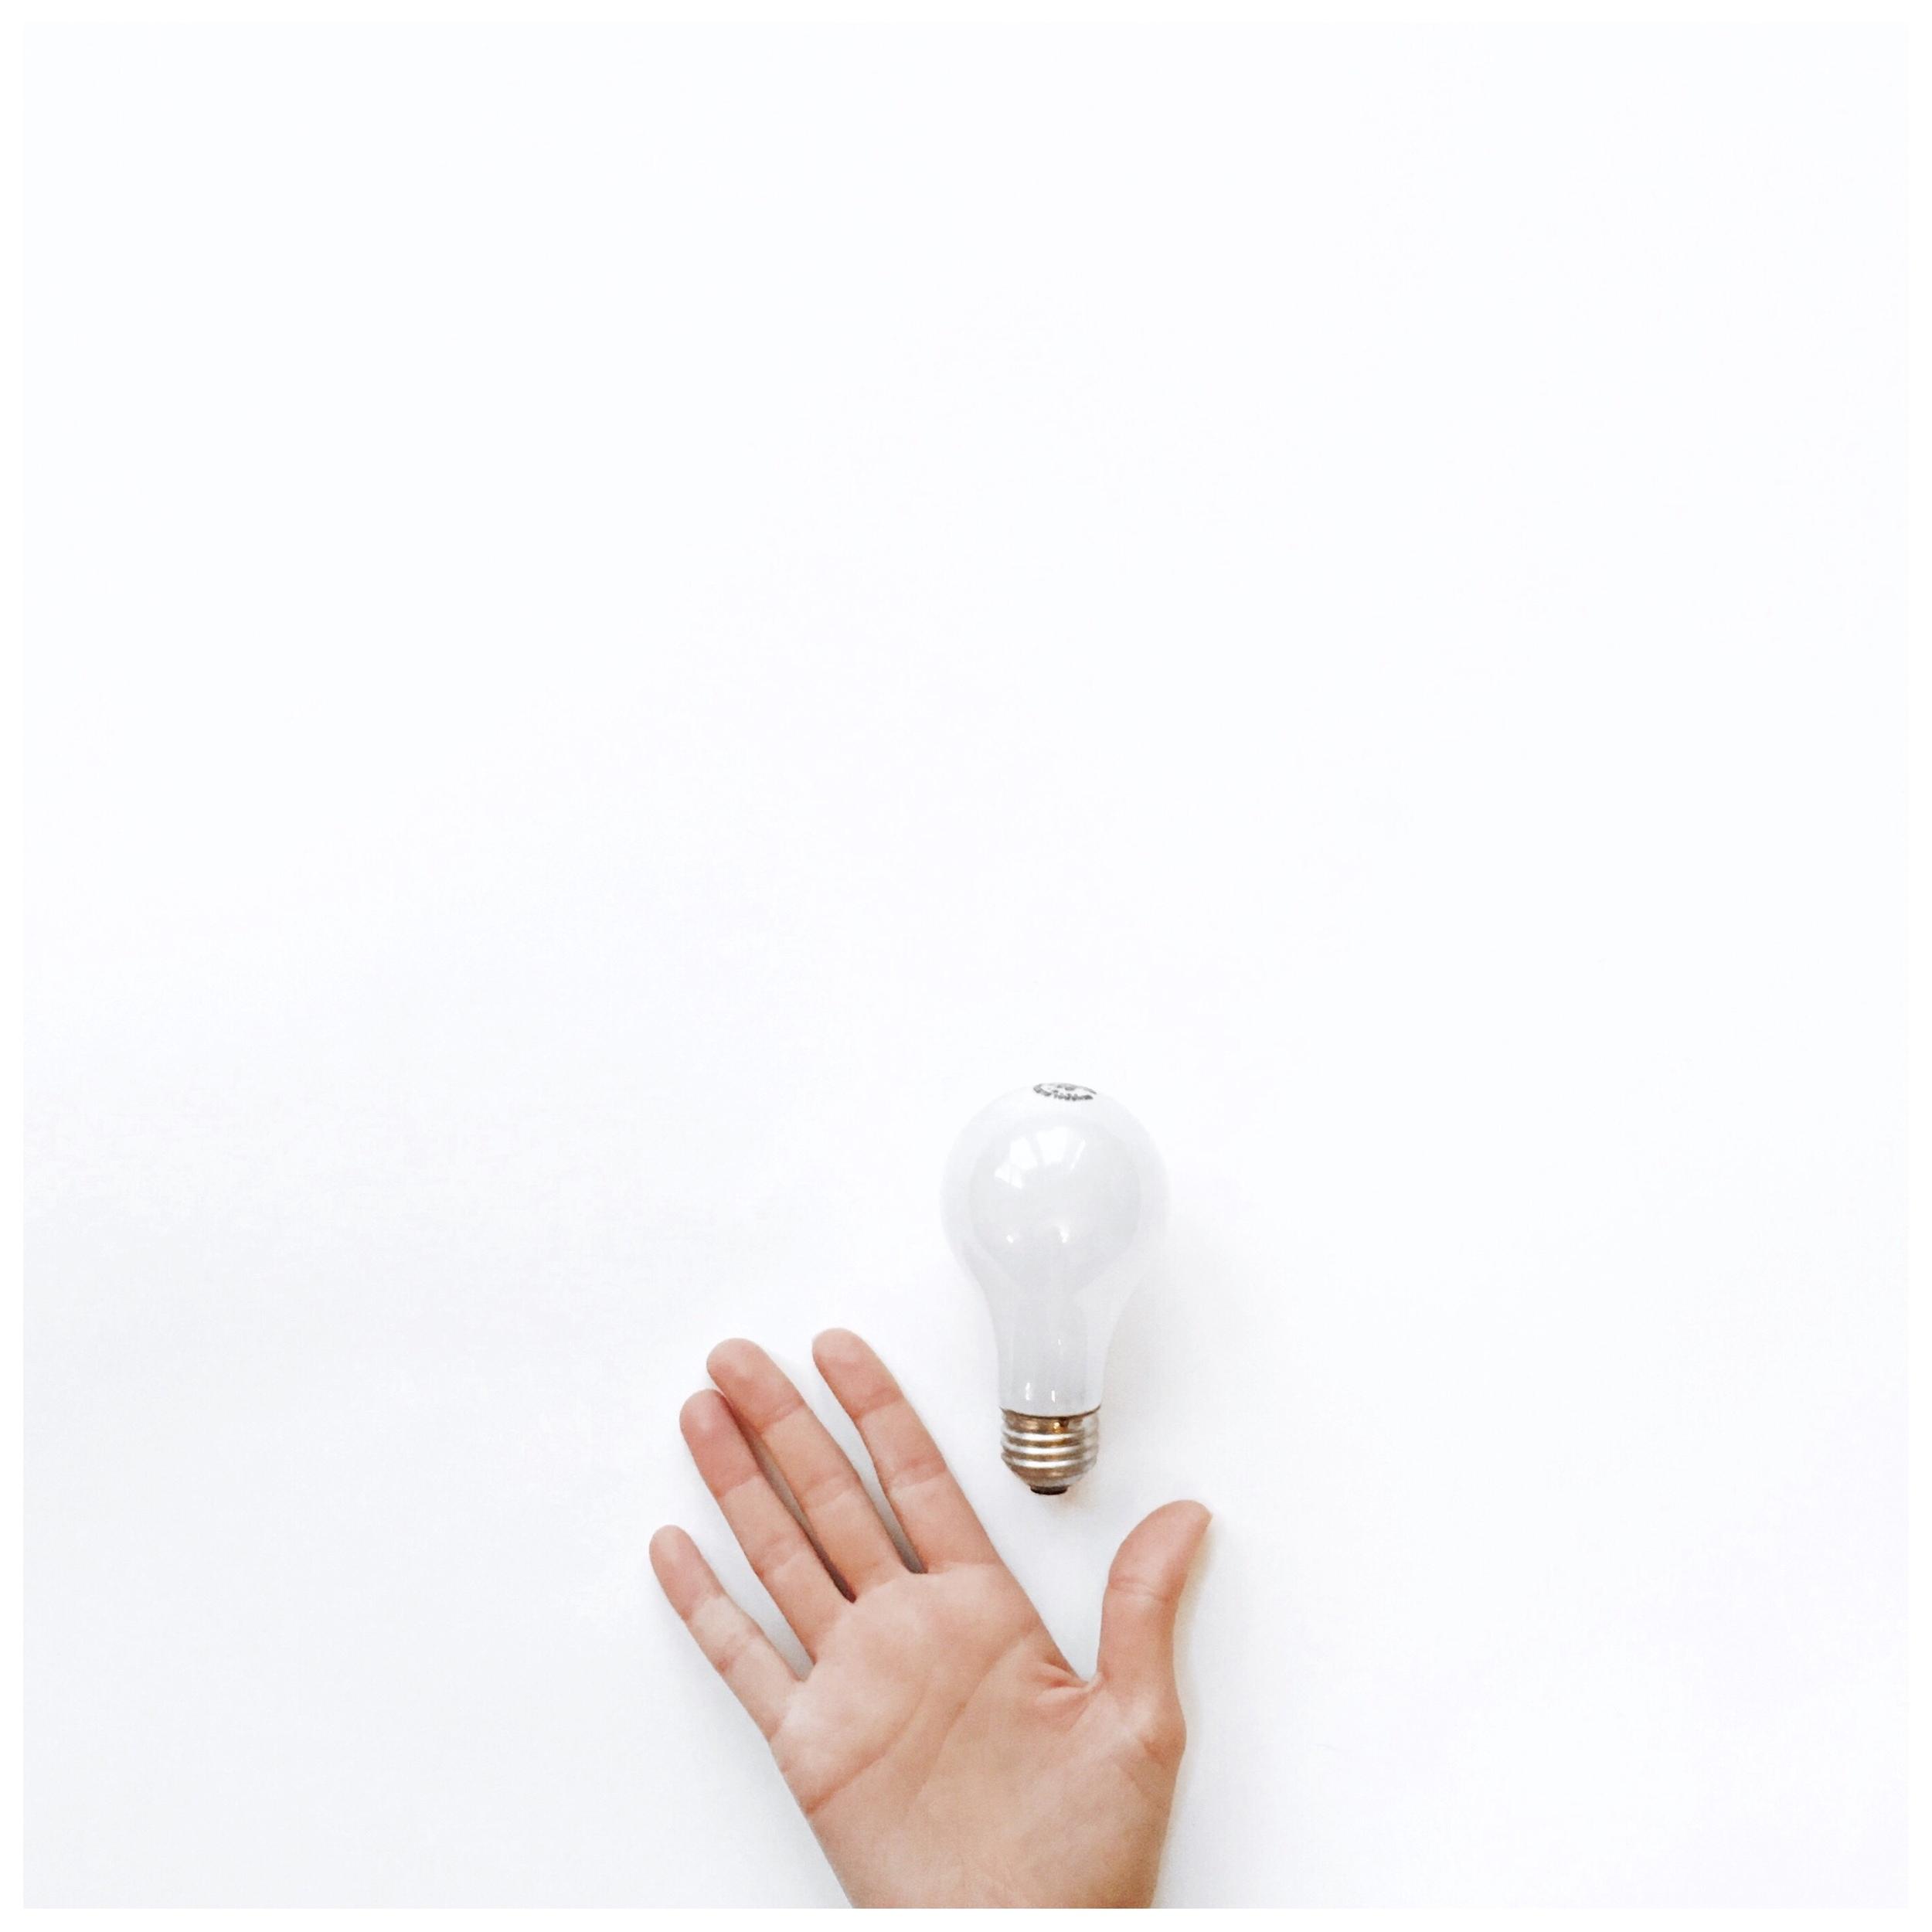 Stef_Etow_Hand_Lightbulb.JPG